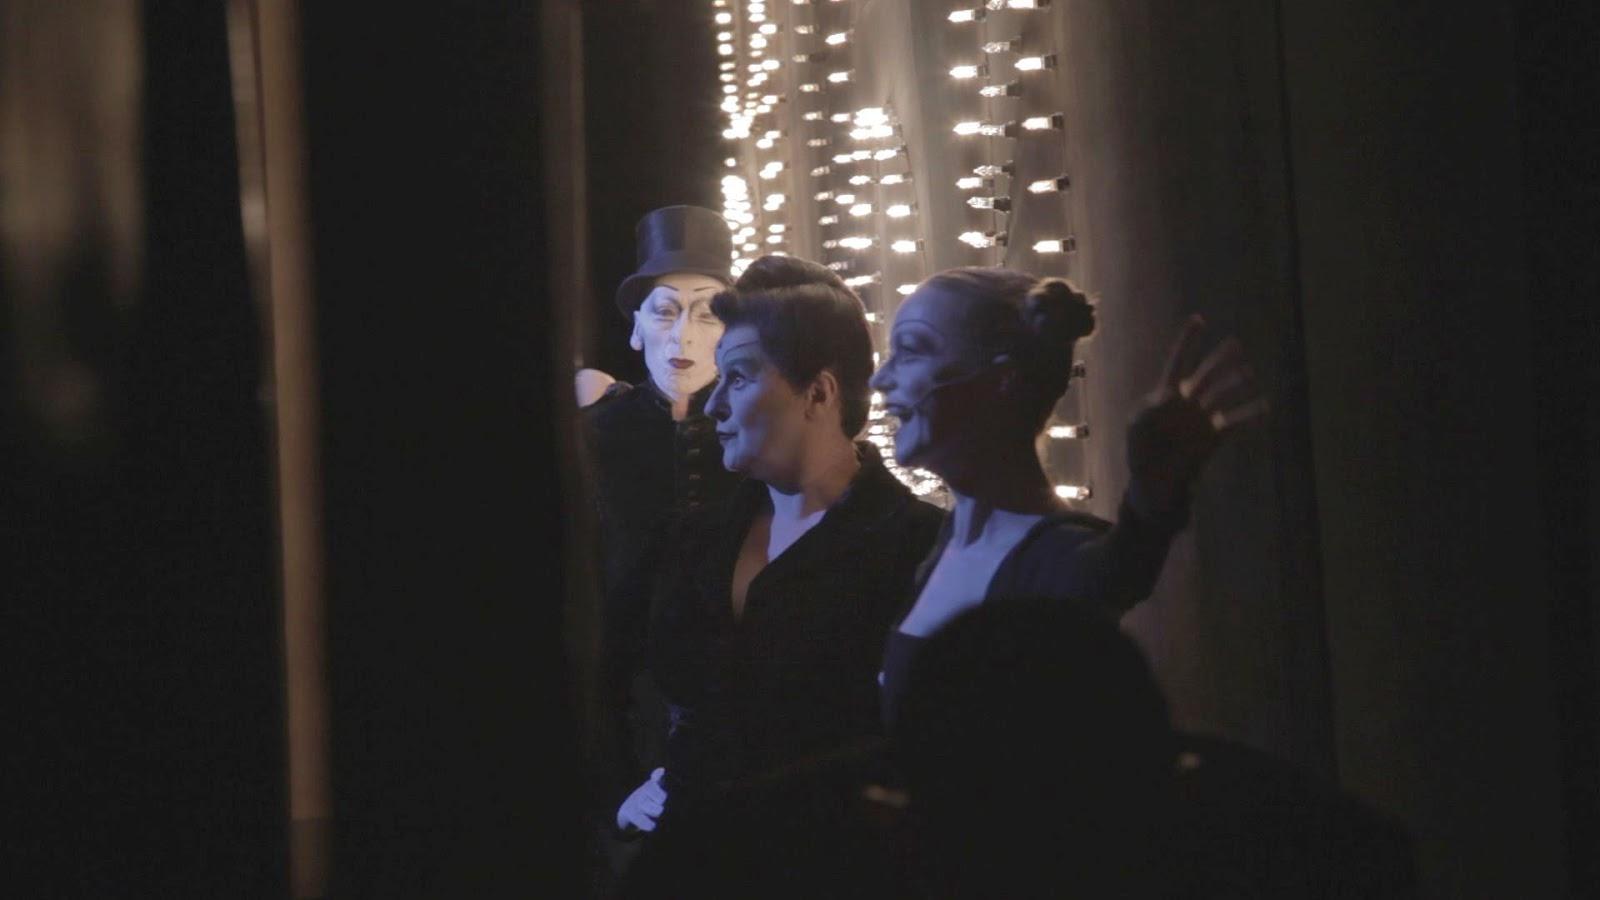 Tribeca Film Festival 2012: BAM150